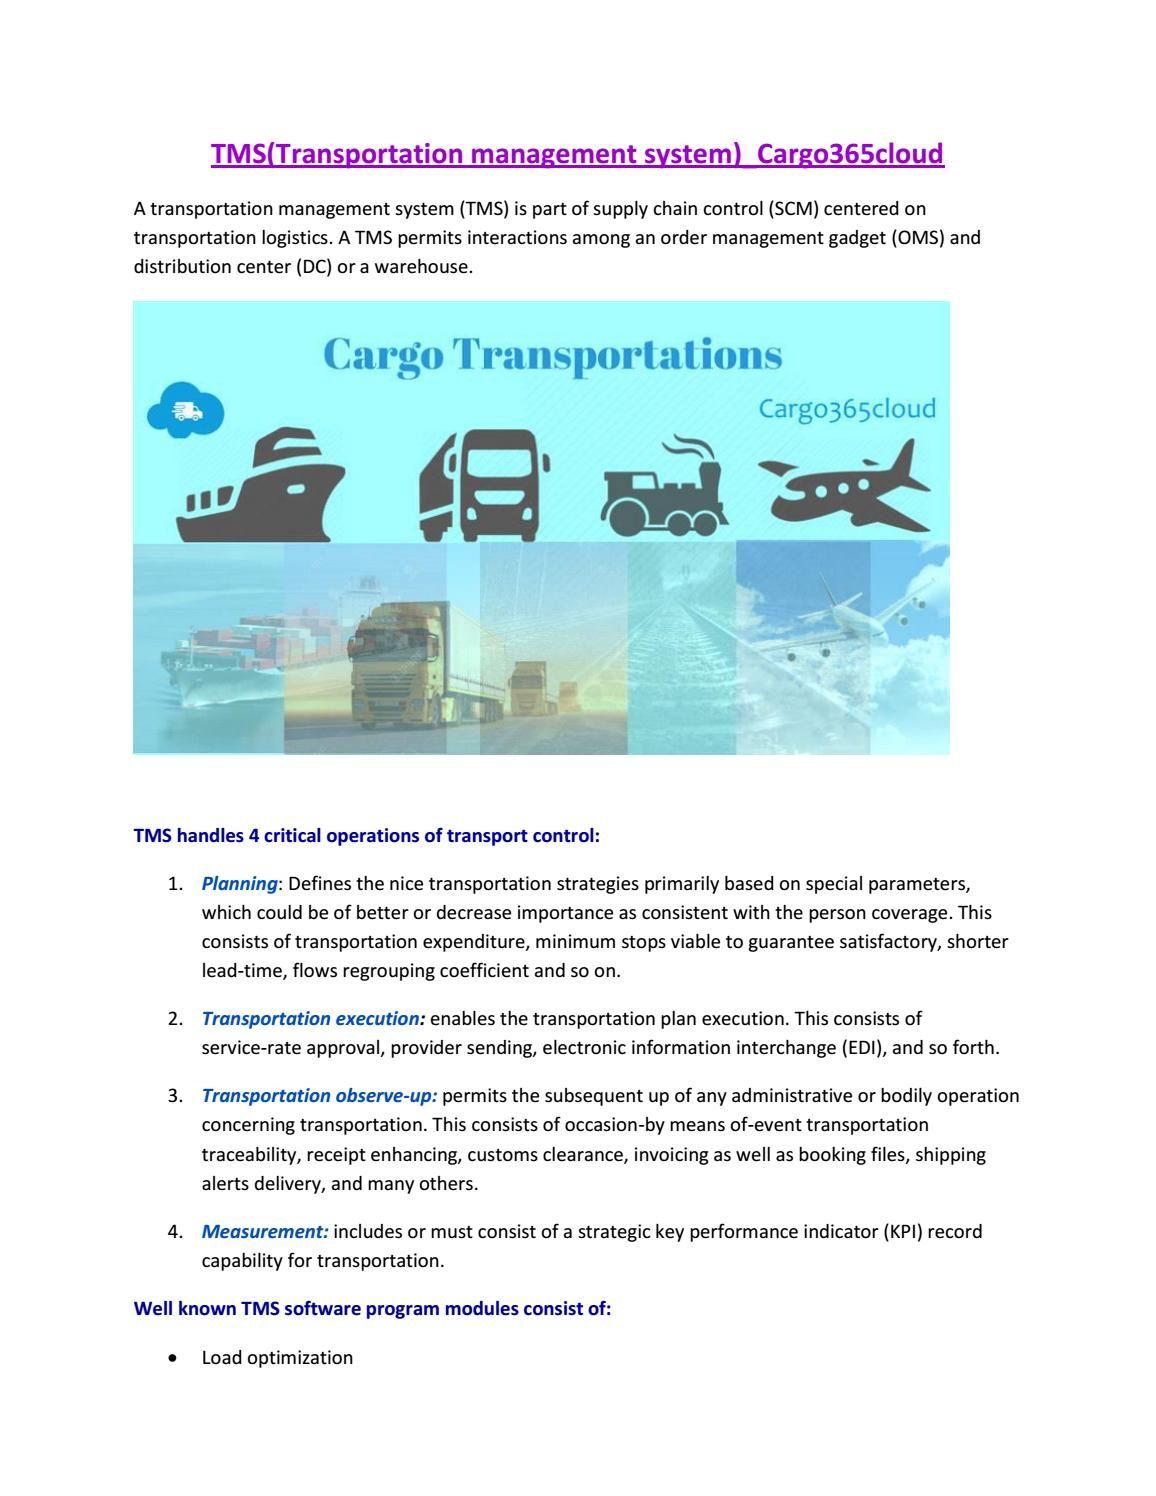 Tms system cargo365cloud   Cargo365cloud   Management